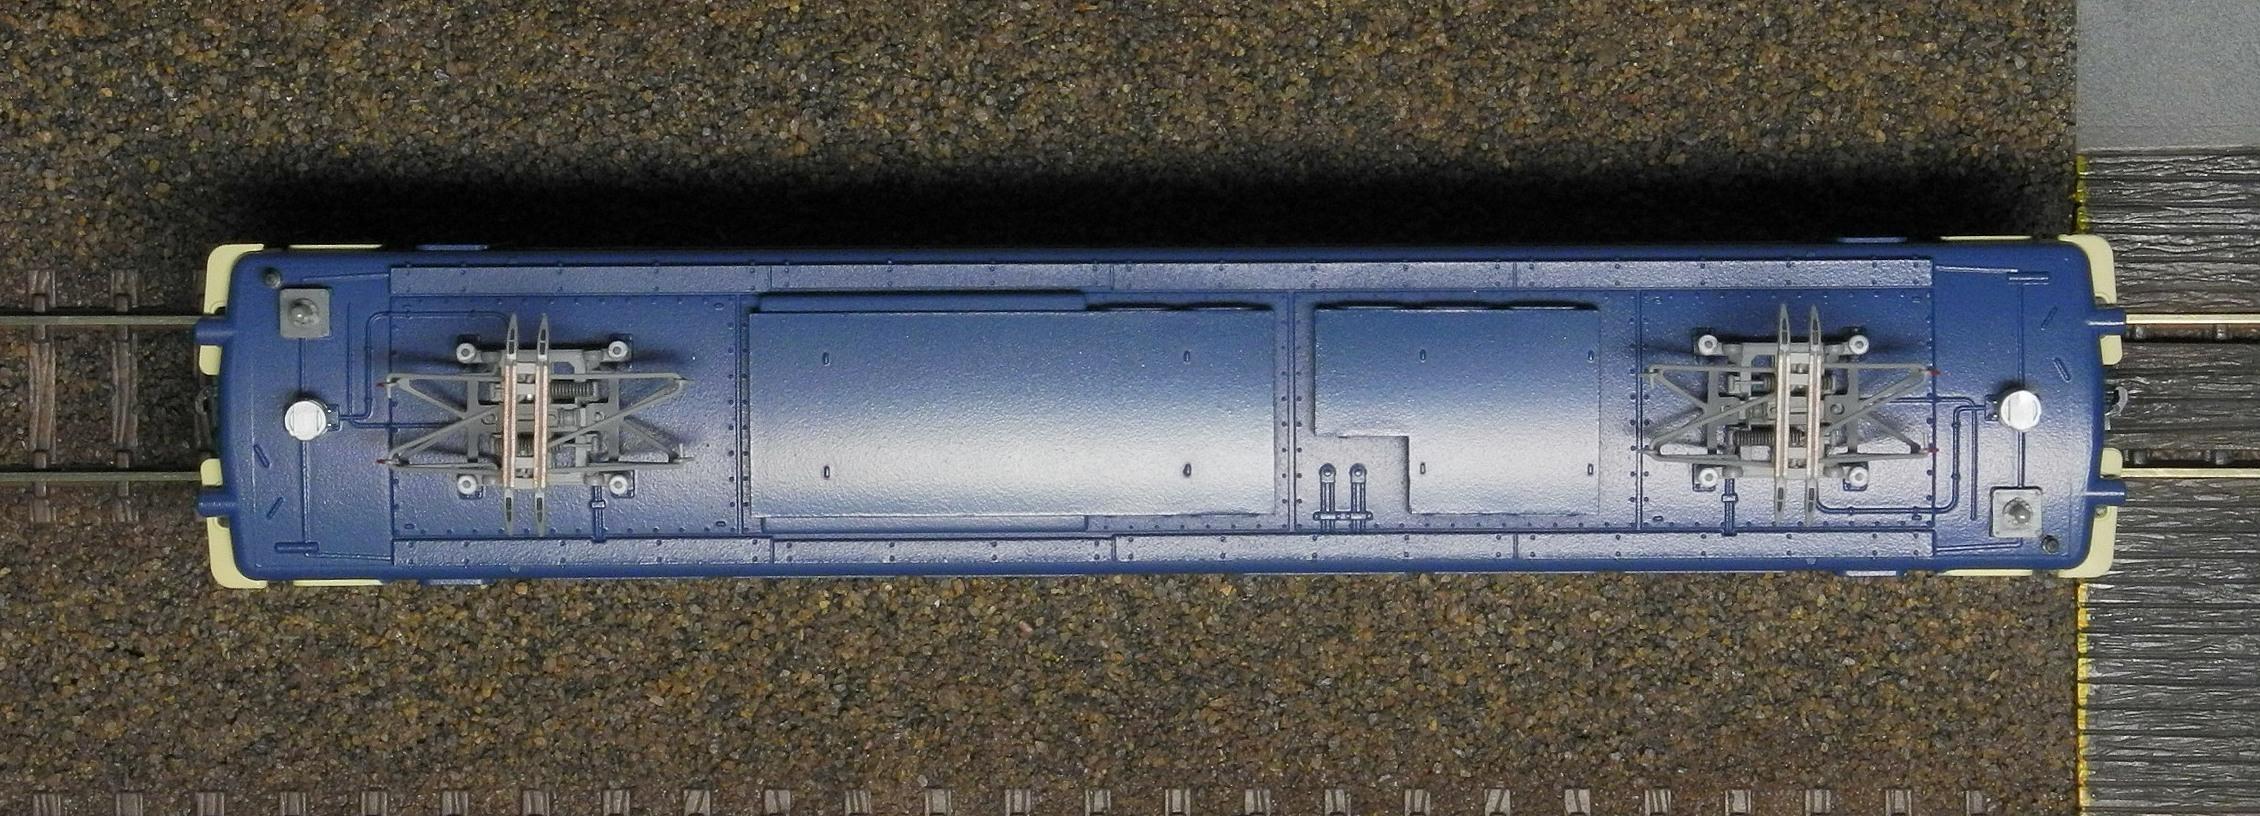 DSCN8546-1.jpg